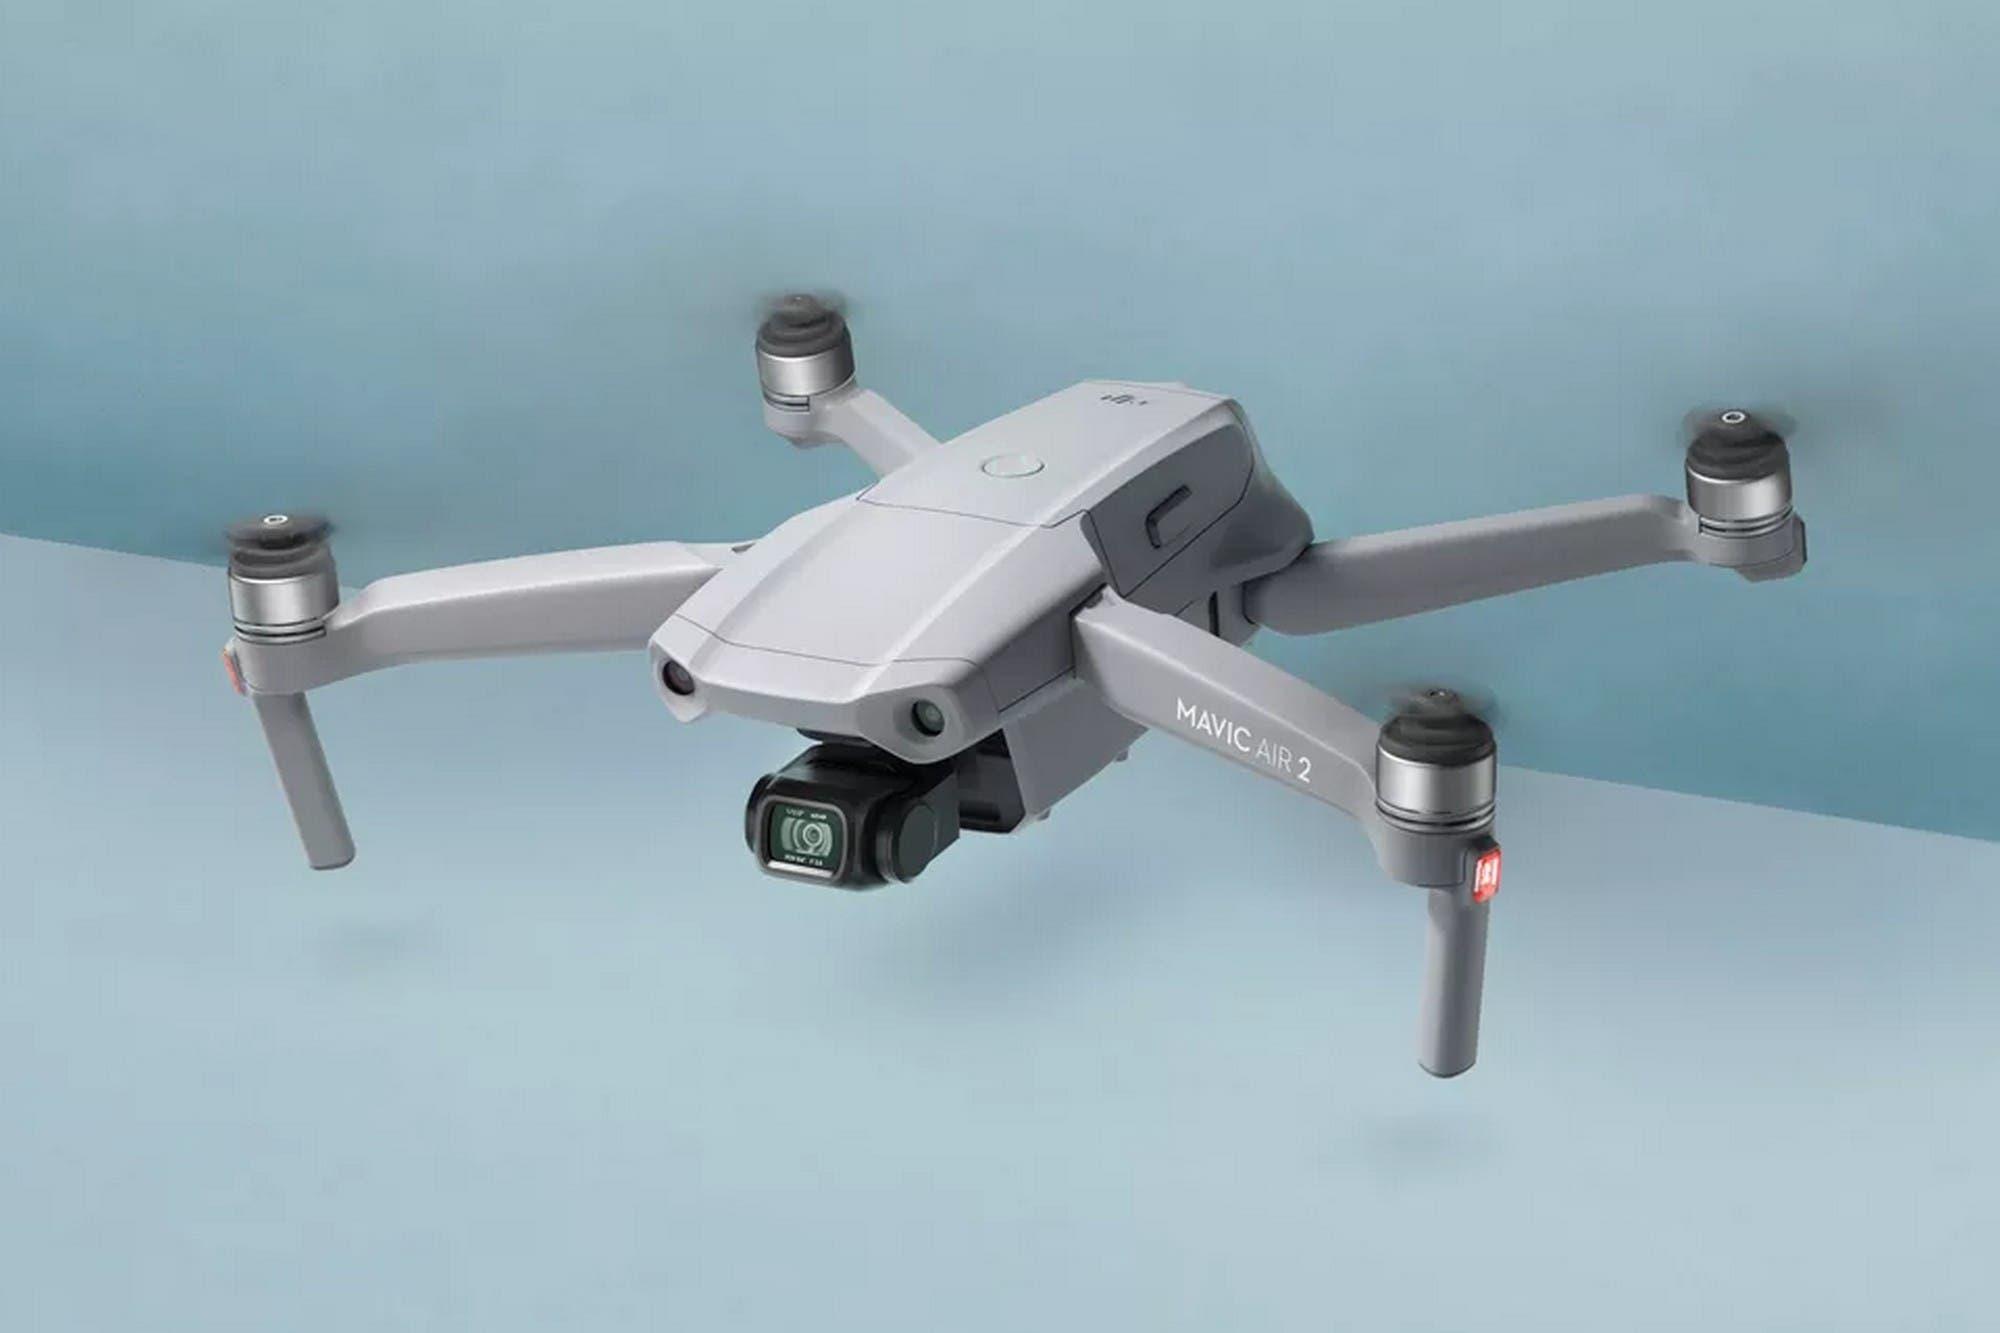 DJI presenta Mavic Air 2, su nuevo drone con una batería más grande y una cámara de 48 megapixeles